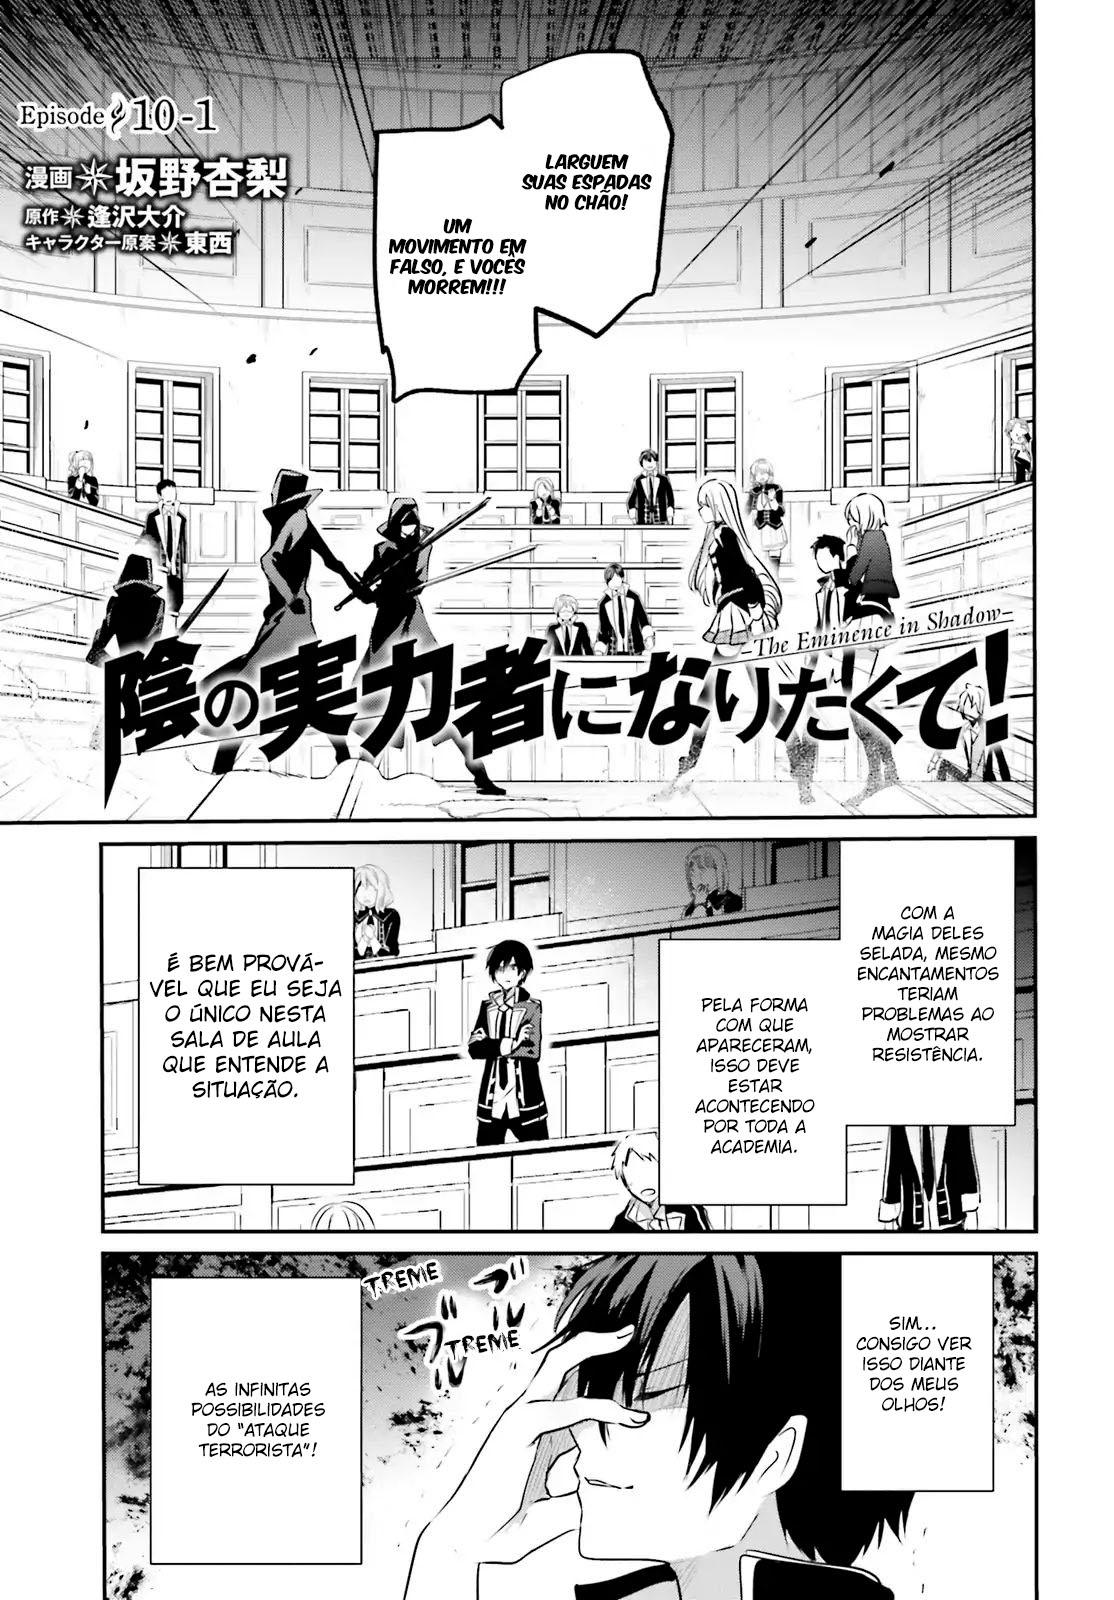 Kage no Jitsuryokusha ni Naritakute / The Eminence In Shadow Mangá Online Capítulo 10-1 em PT-BR